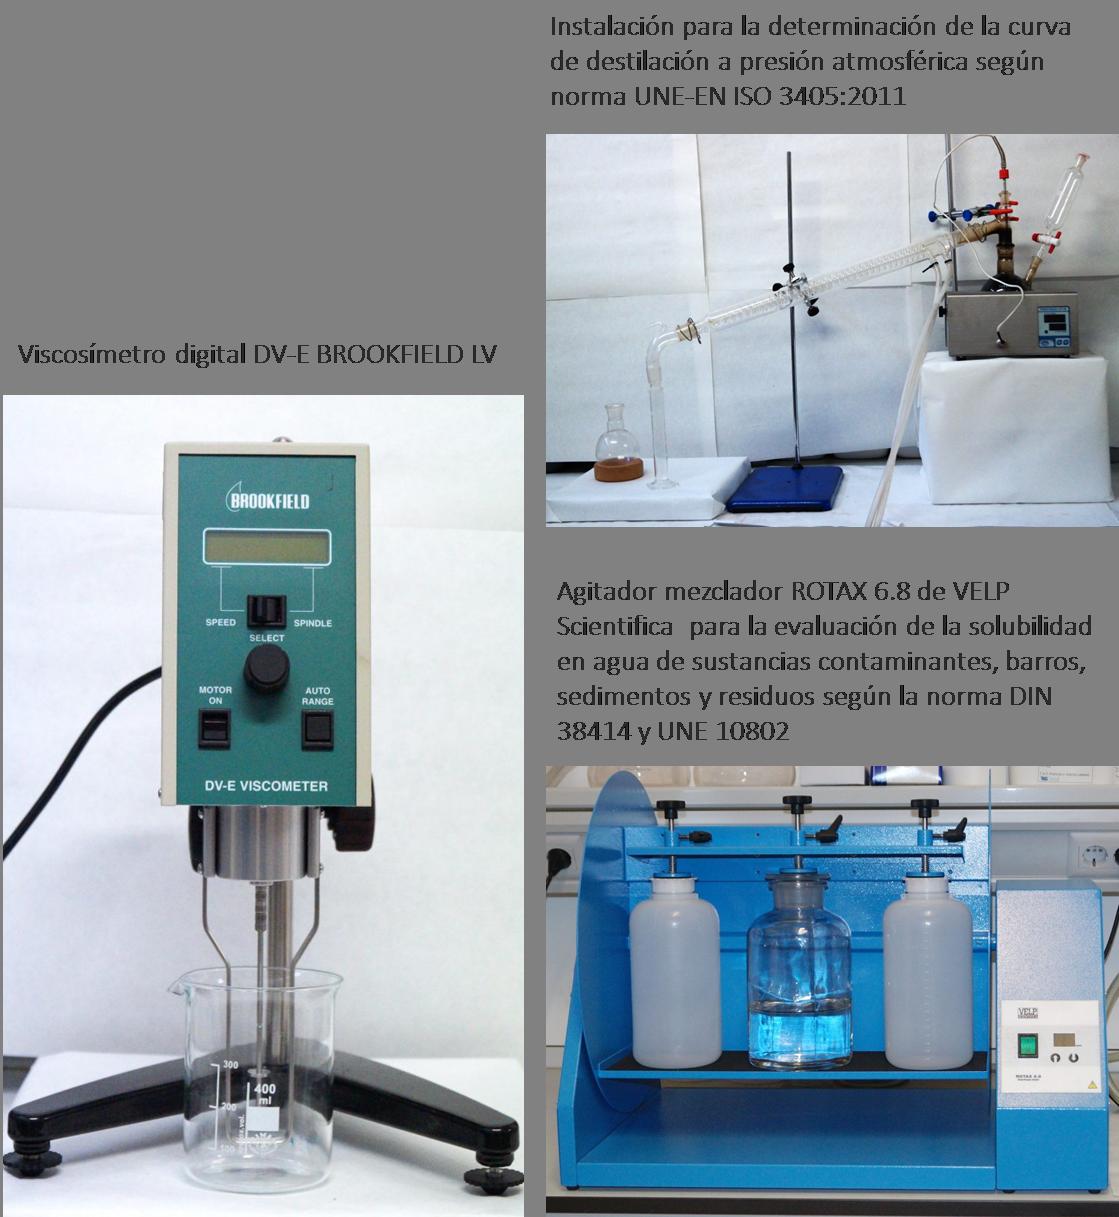 viscosimetro_curva-destilacion_mezclador